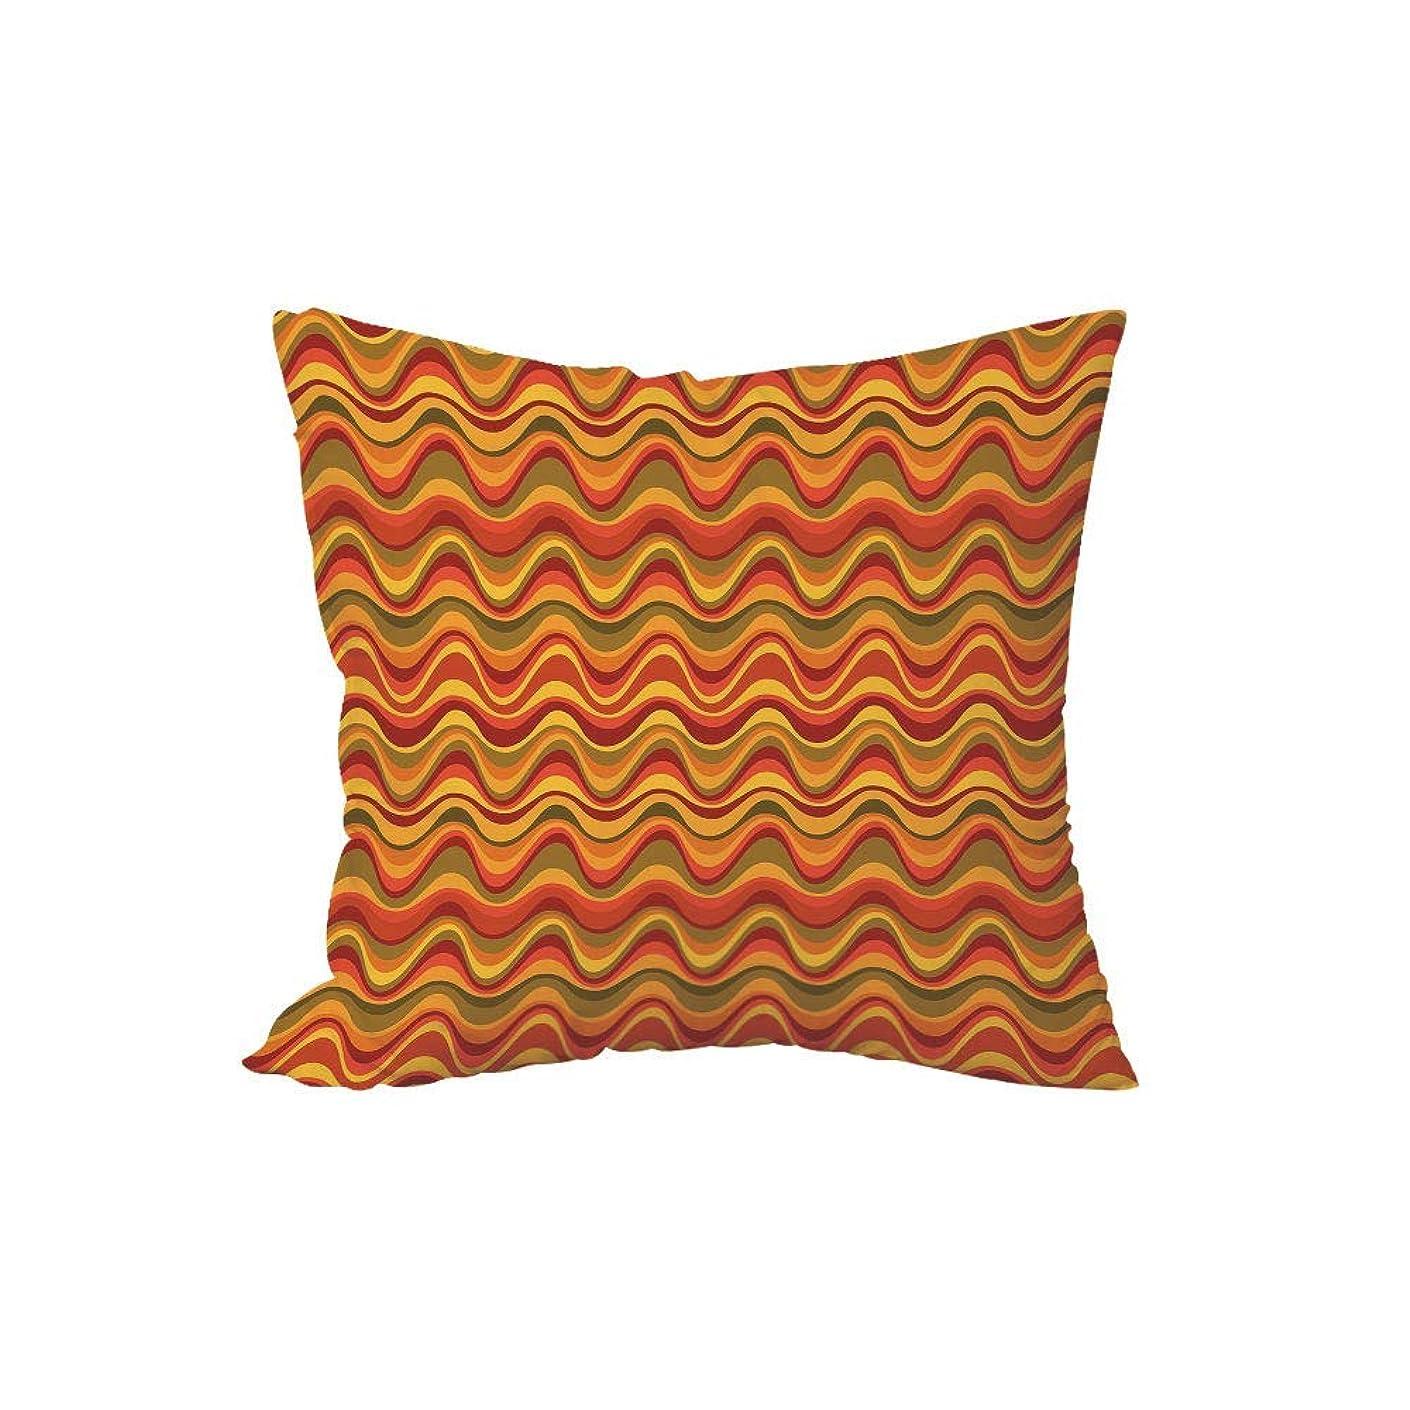 抗議スパンシェフポリエステル投球枕クッション、幾何学的な、砂漠の砂丘パターン抽象的デザイン暖かい色パレットファンキーなオールドスクールアートスタイル装飾的、多色、.x.es、用ソファ寝室車を飾るh \ w:18in * 18in